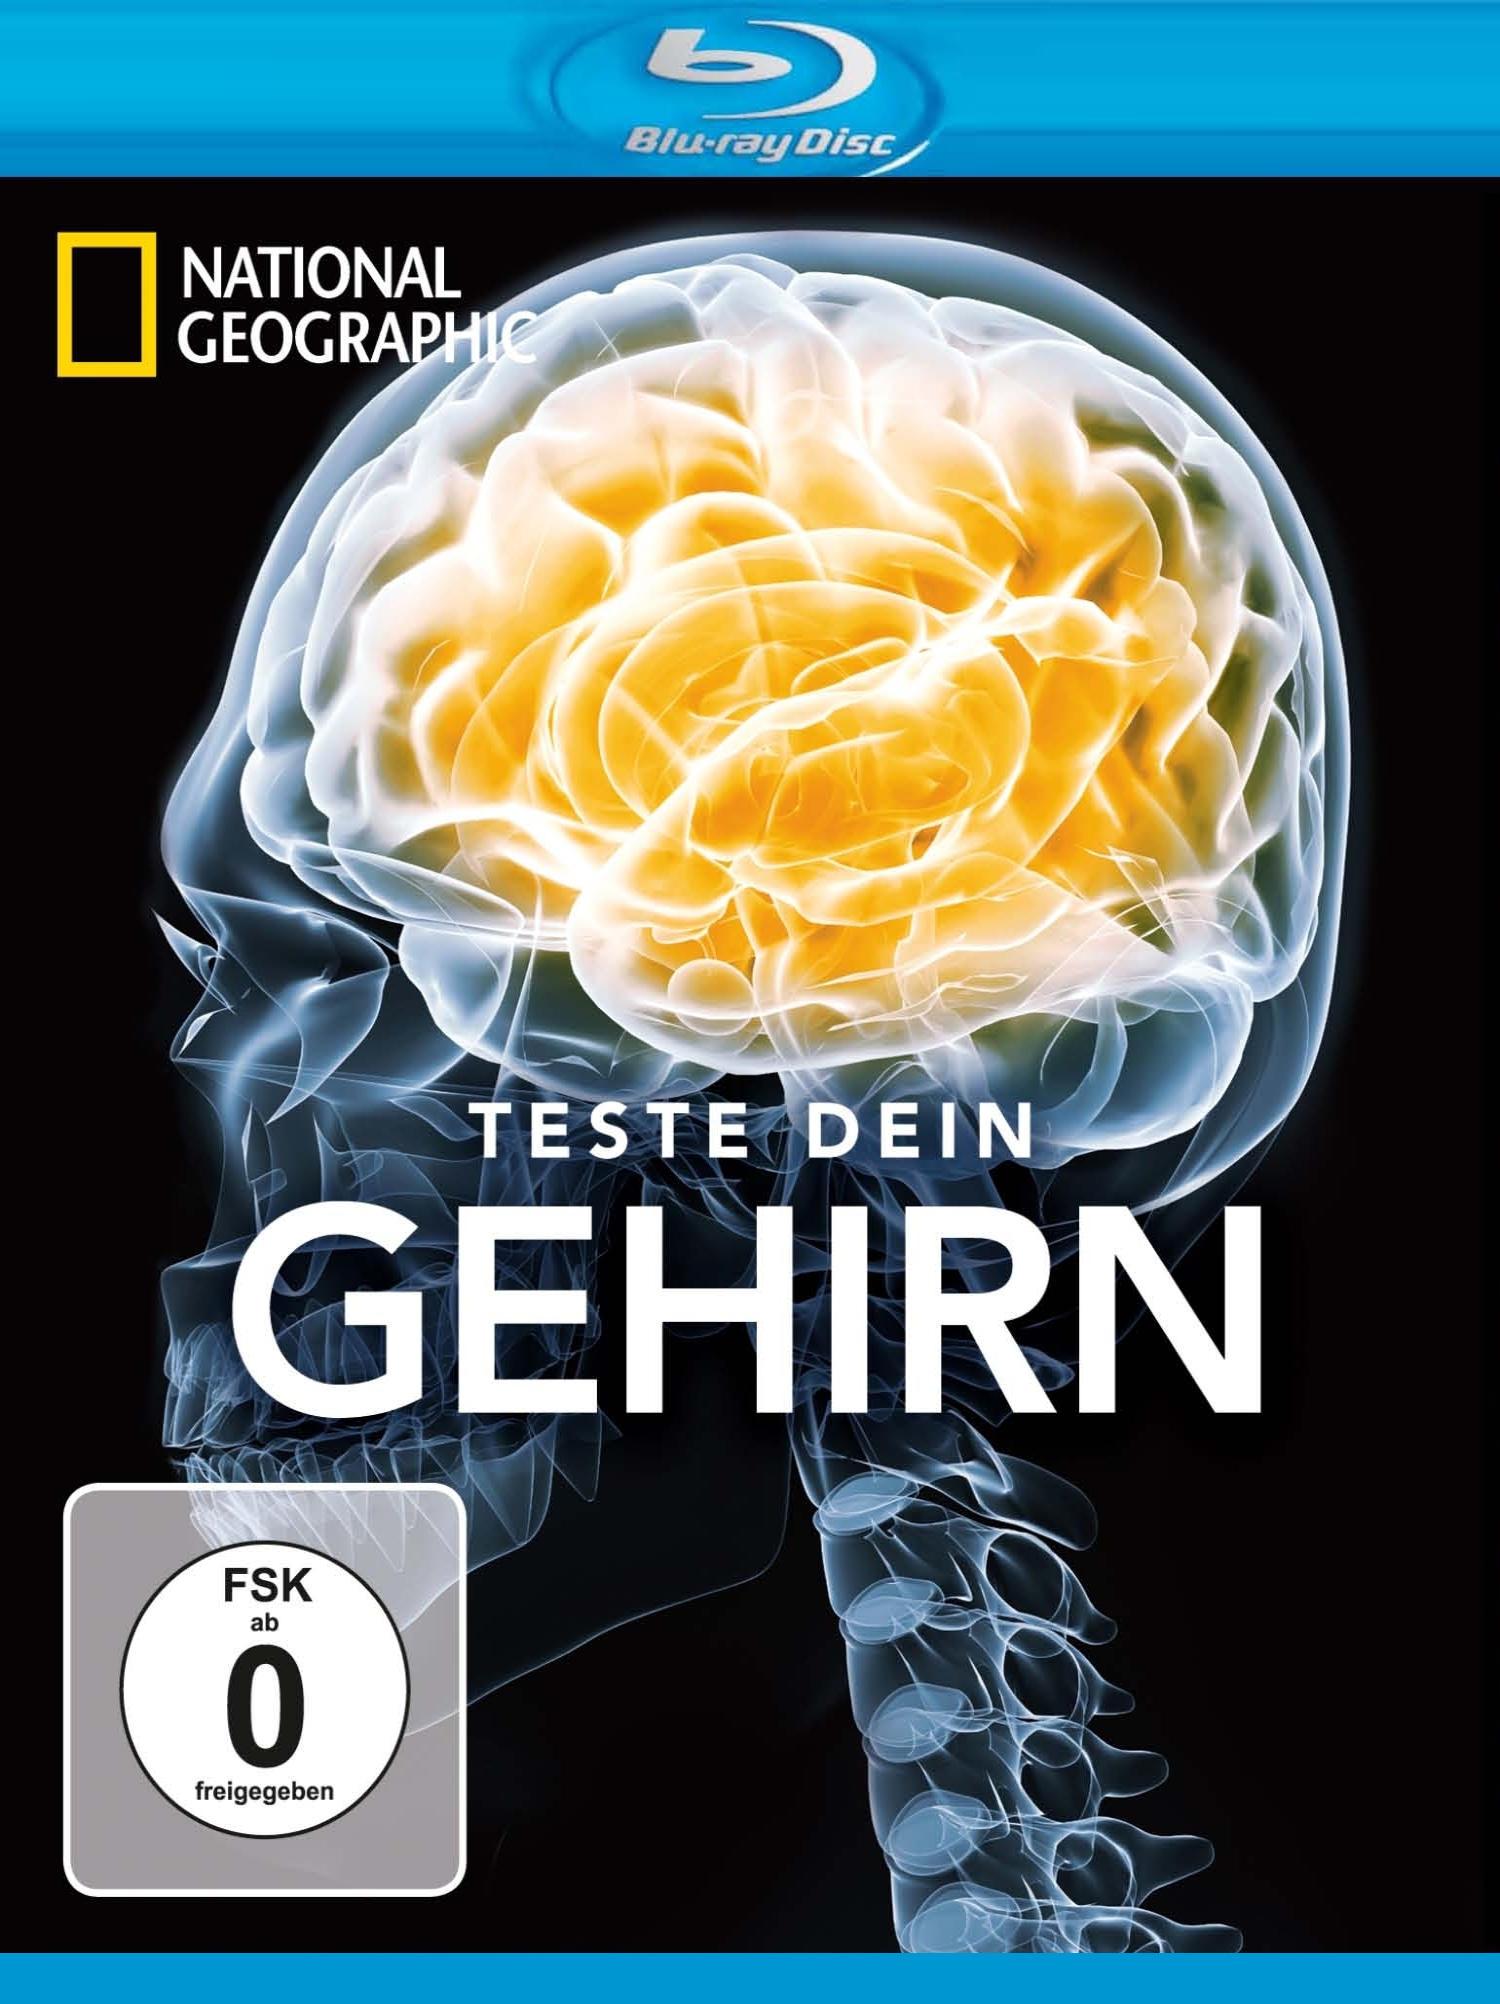 Испытайте свой мозг. Обложка с сайта bolero.ru